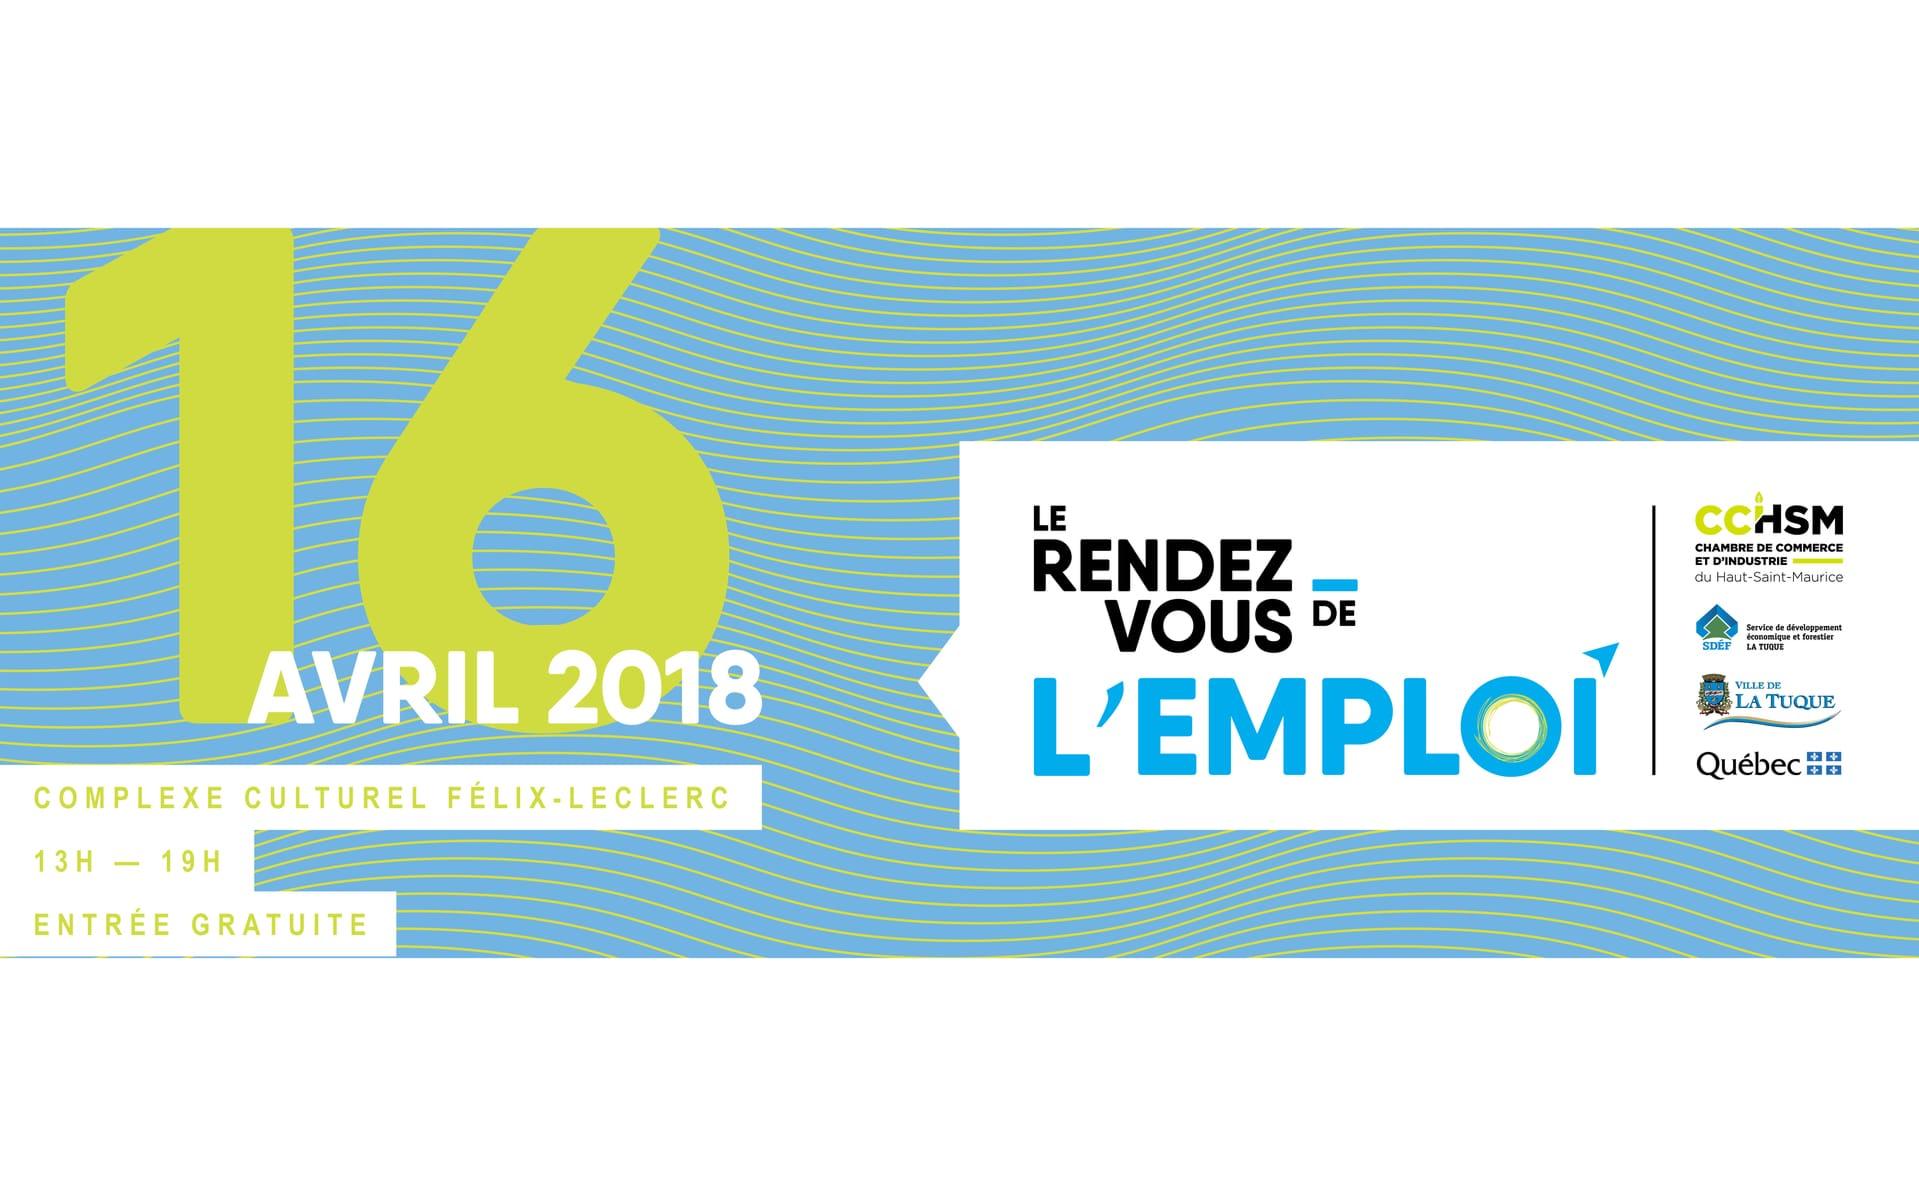 Le rendez-vous de l'emploi à La Tuque, c'est le 16 avril prochain!